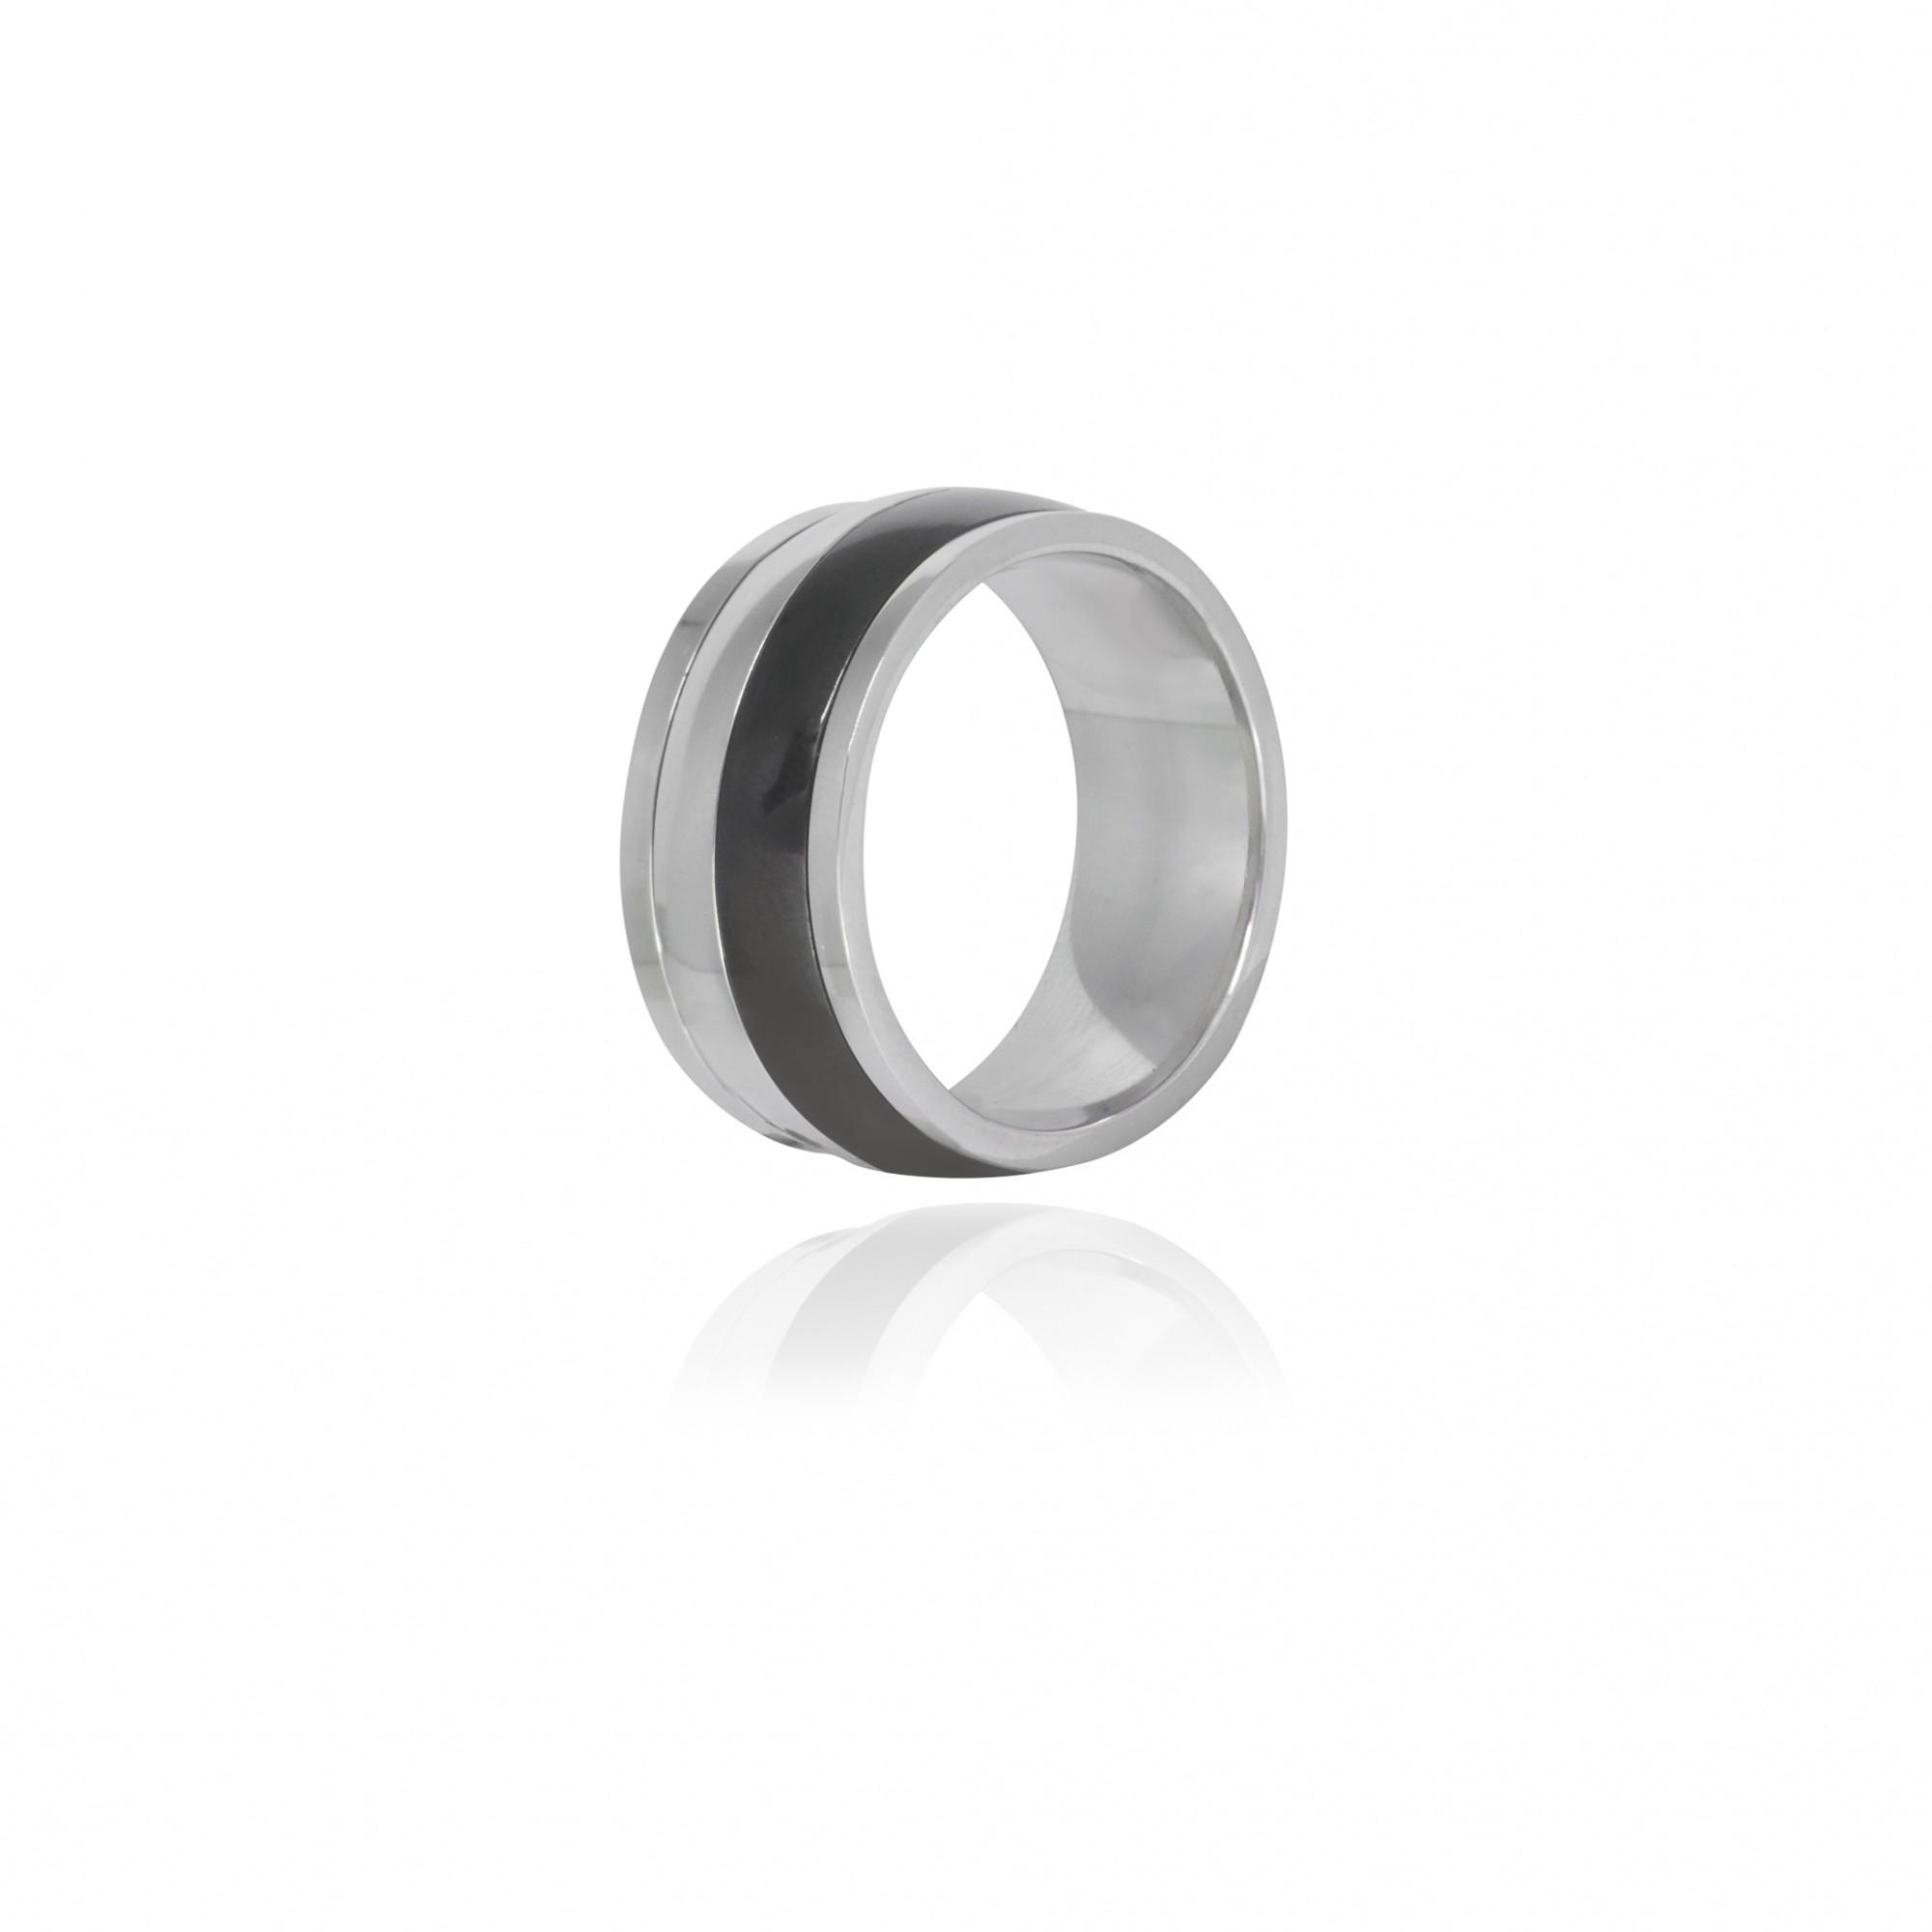 Aliança / anel aço inox listra negra hipoalergênico